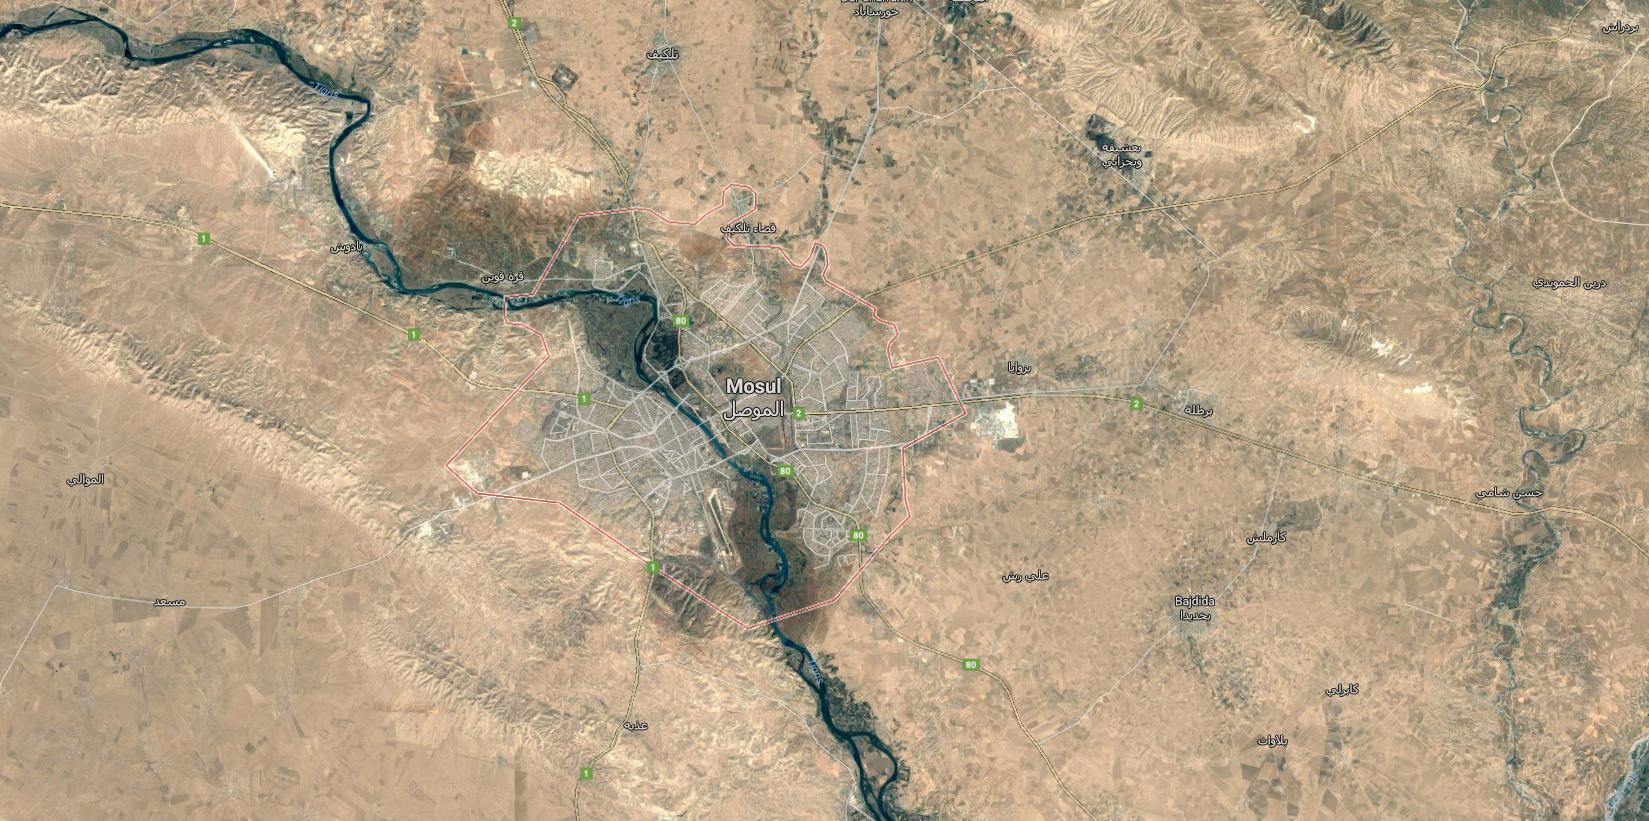 mosul google maps